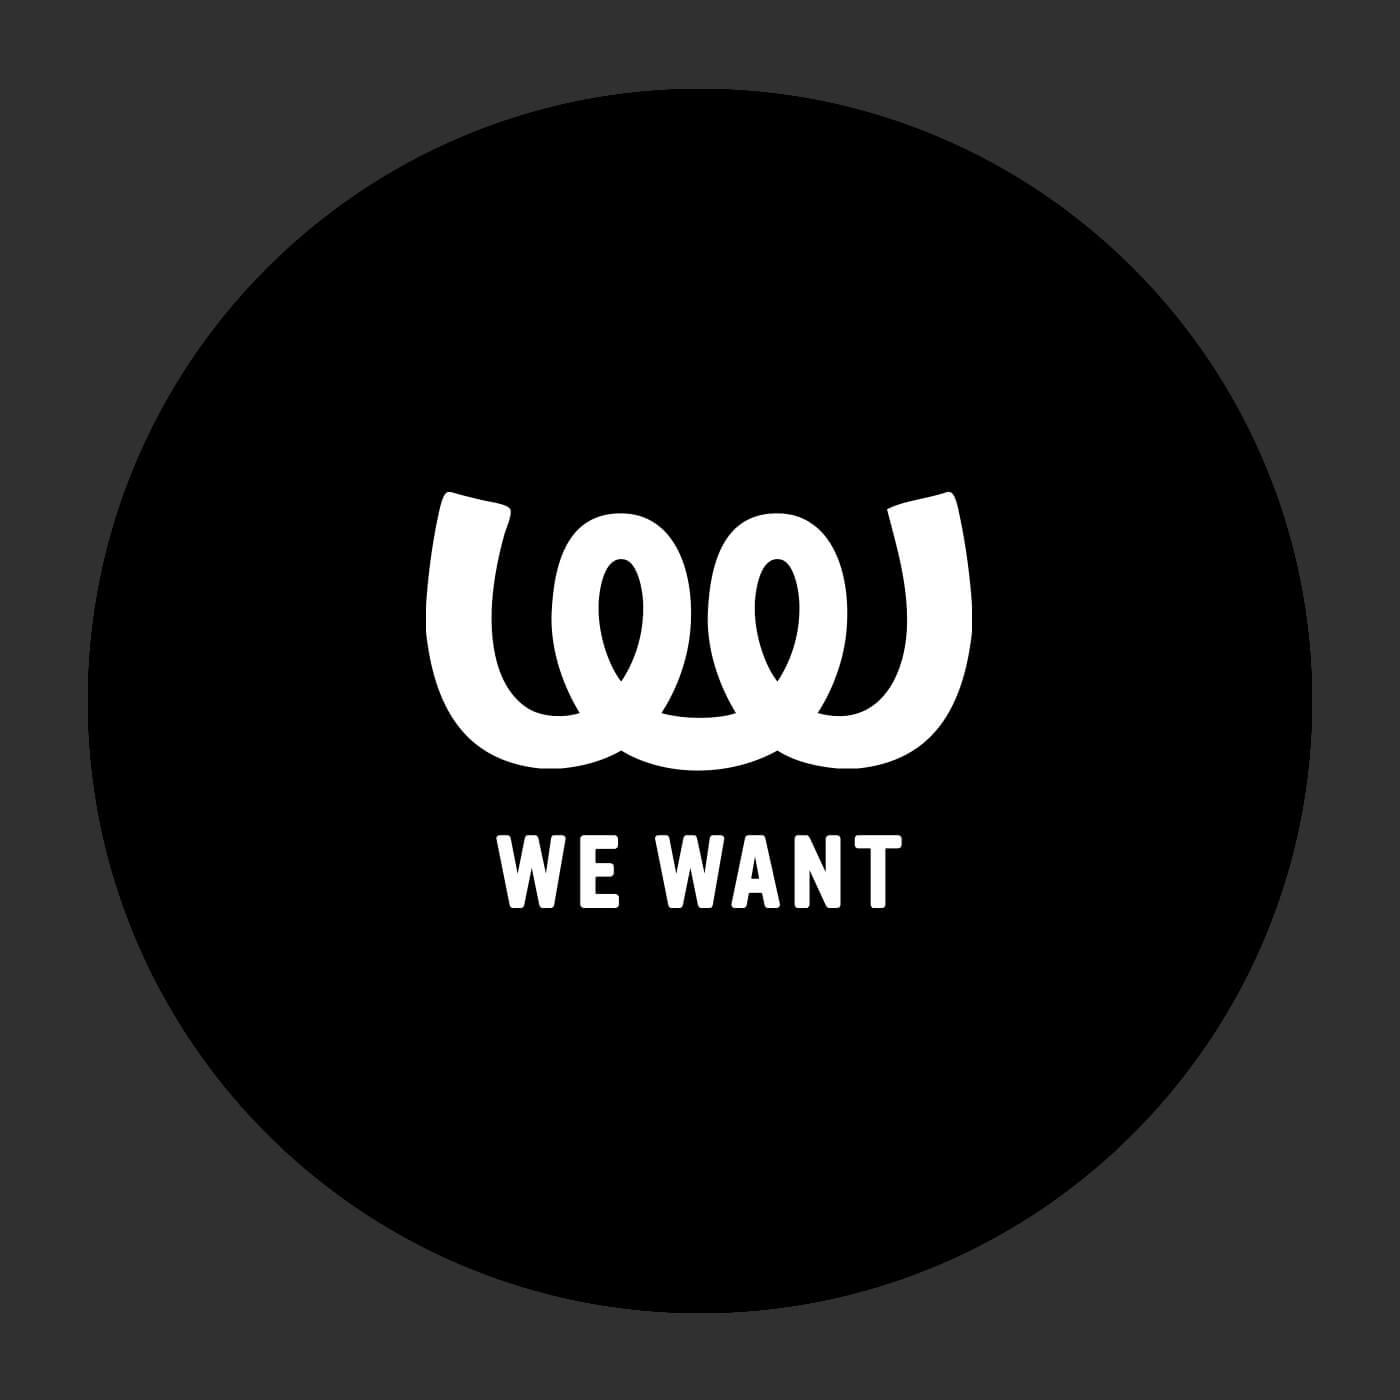 wewant_schwarz